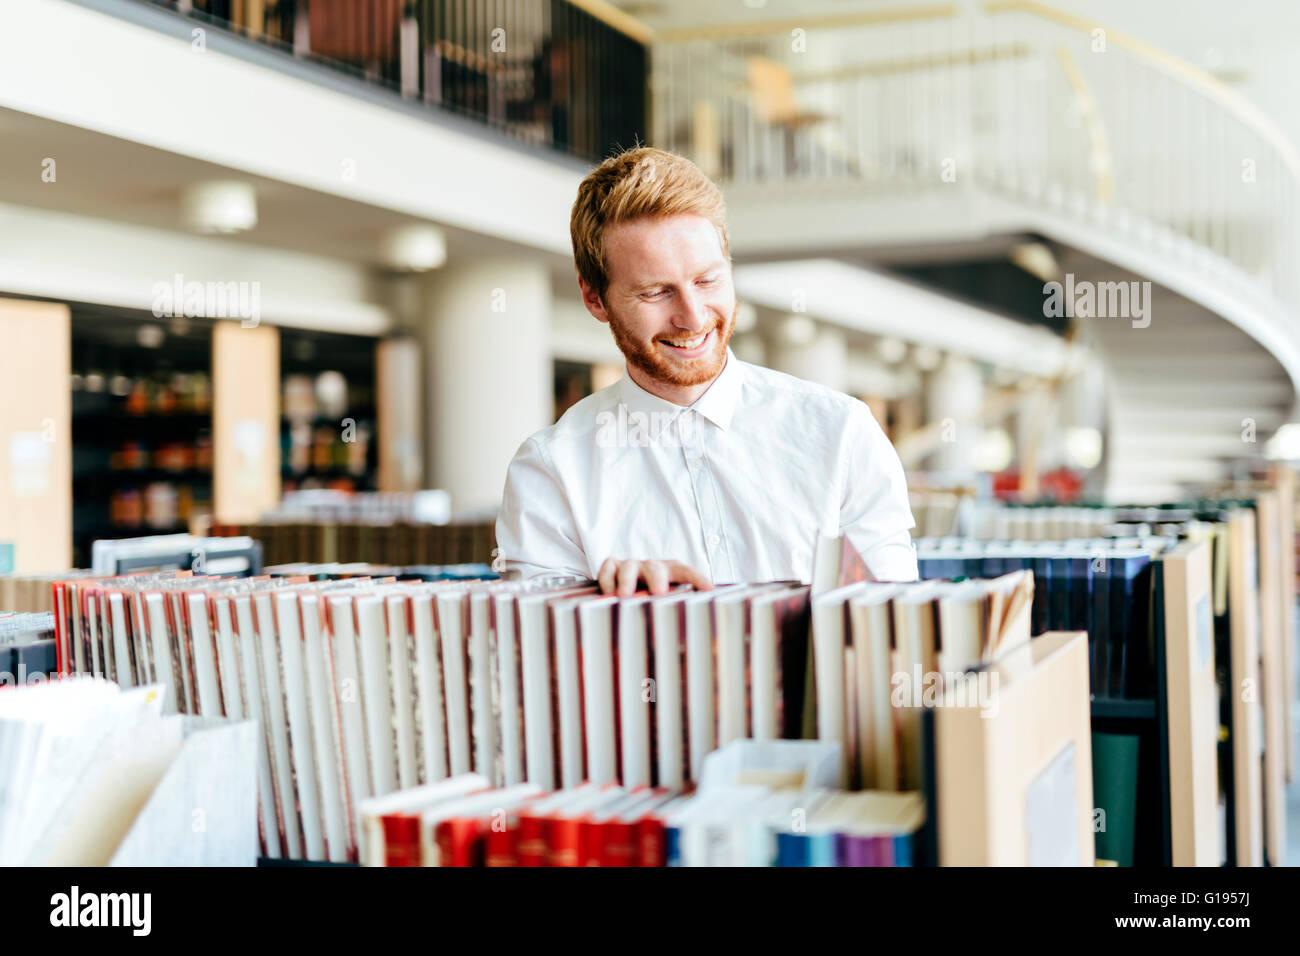 Guapo estudiante buscando un libro en una bonita librería Imagen De Stock